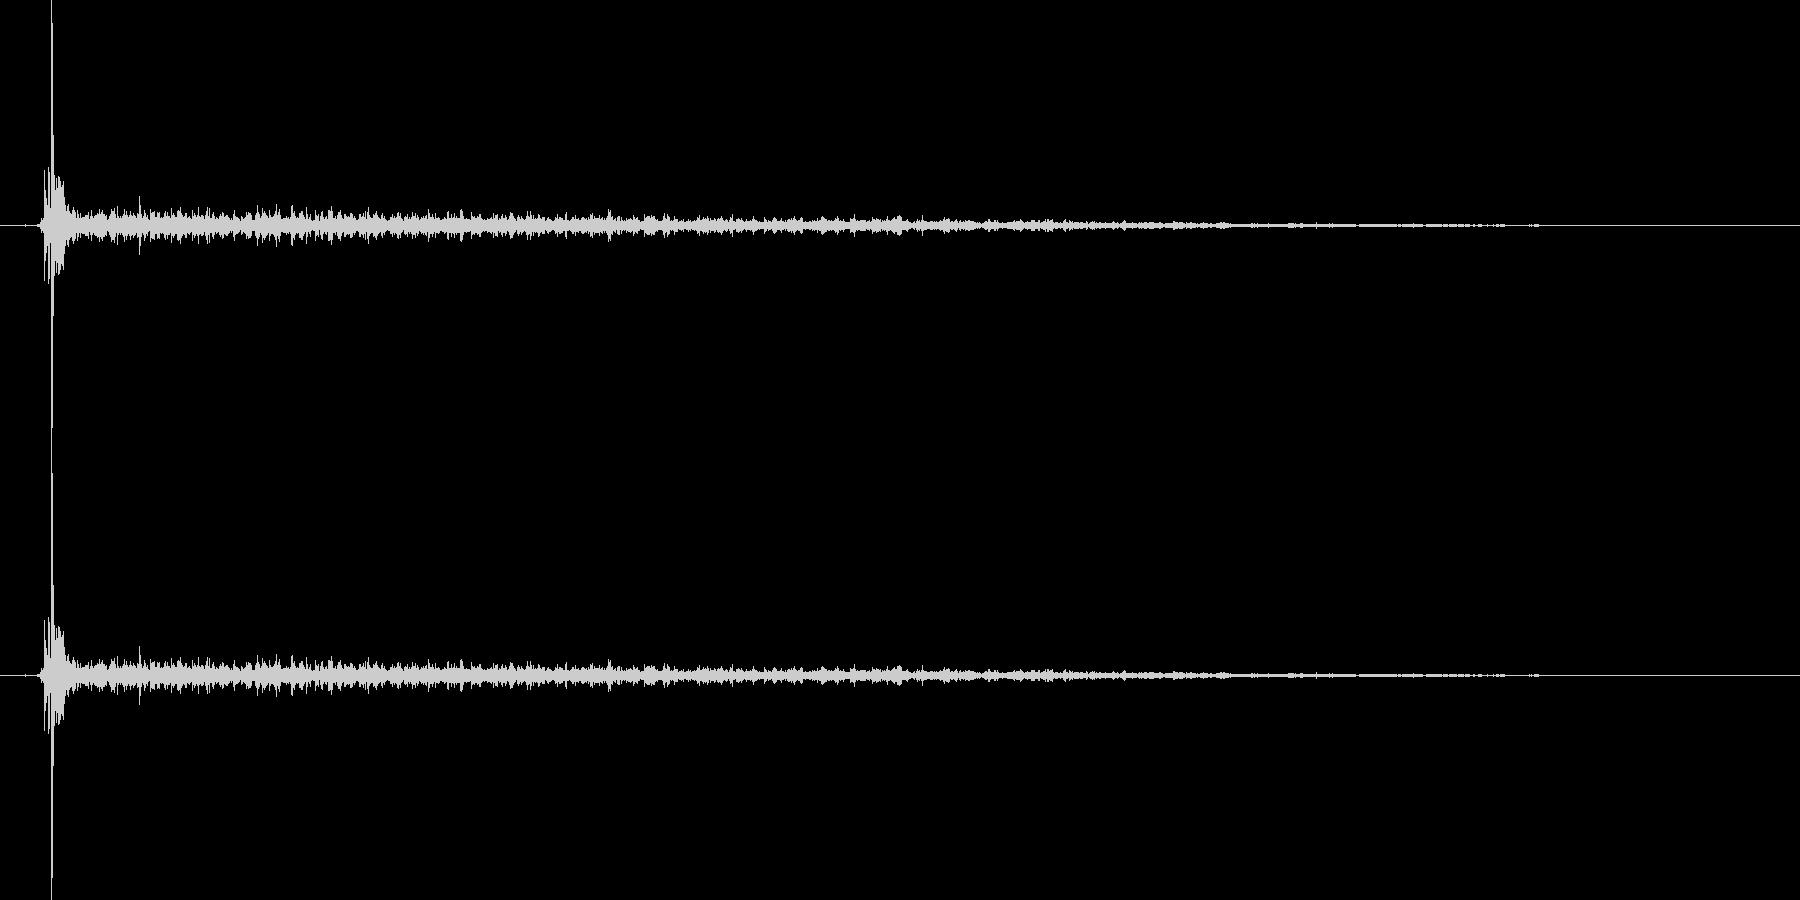 ゲーミング ゲーミングマウスホイー...の未再生の波形